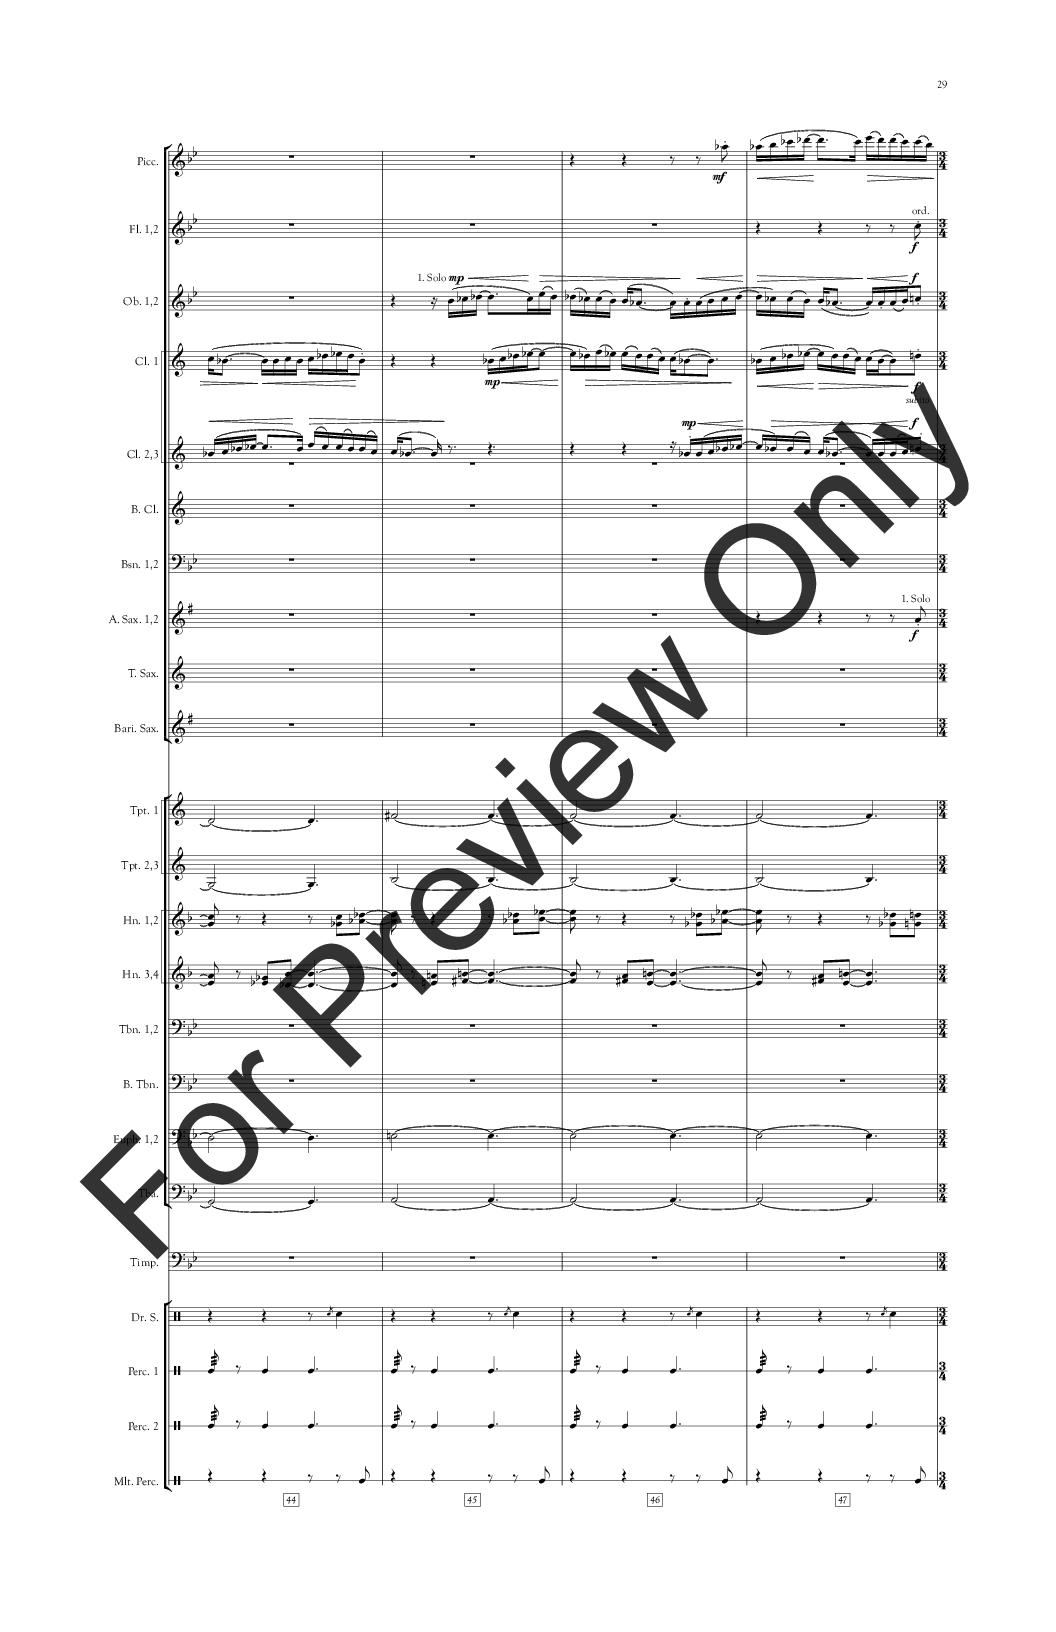 Frazetta Suite Thumbnail